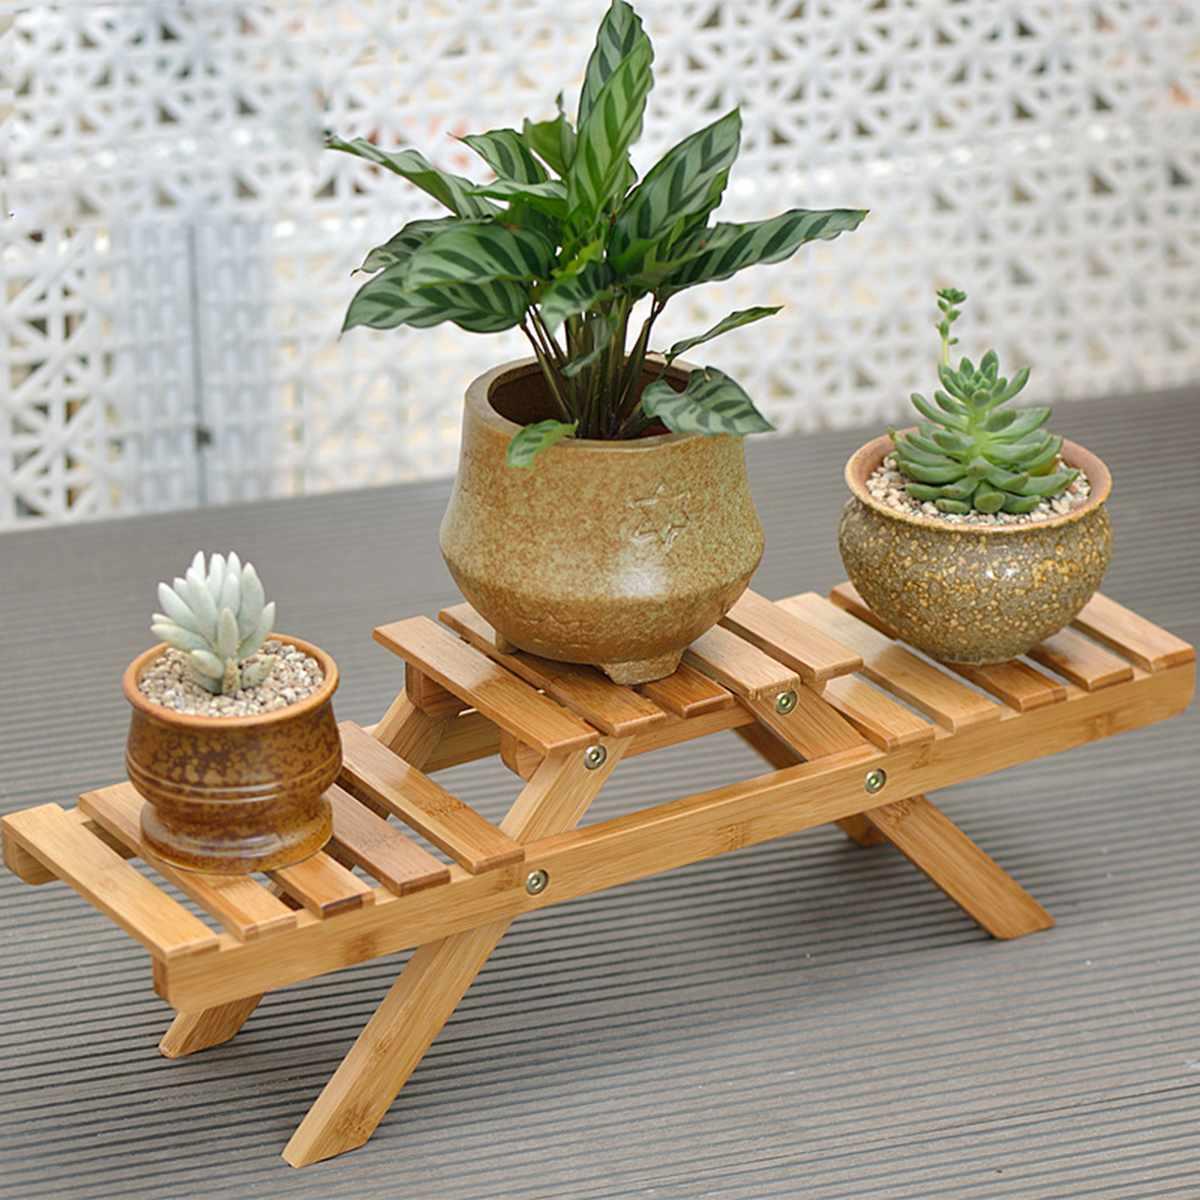 Soporte de flores para plantas de bambú, soporte de maceta para jardín, sala de estar, mesa, plantador, decoración de hogar de pie, interior y exterior